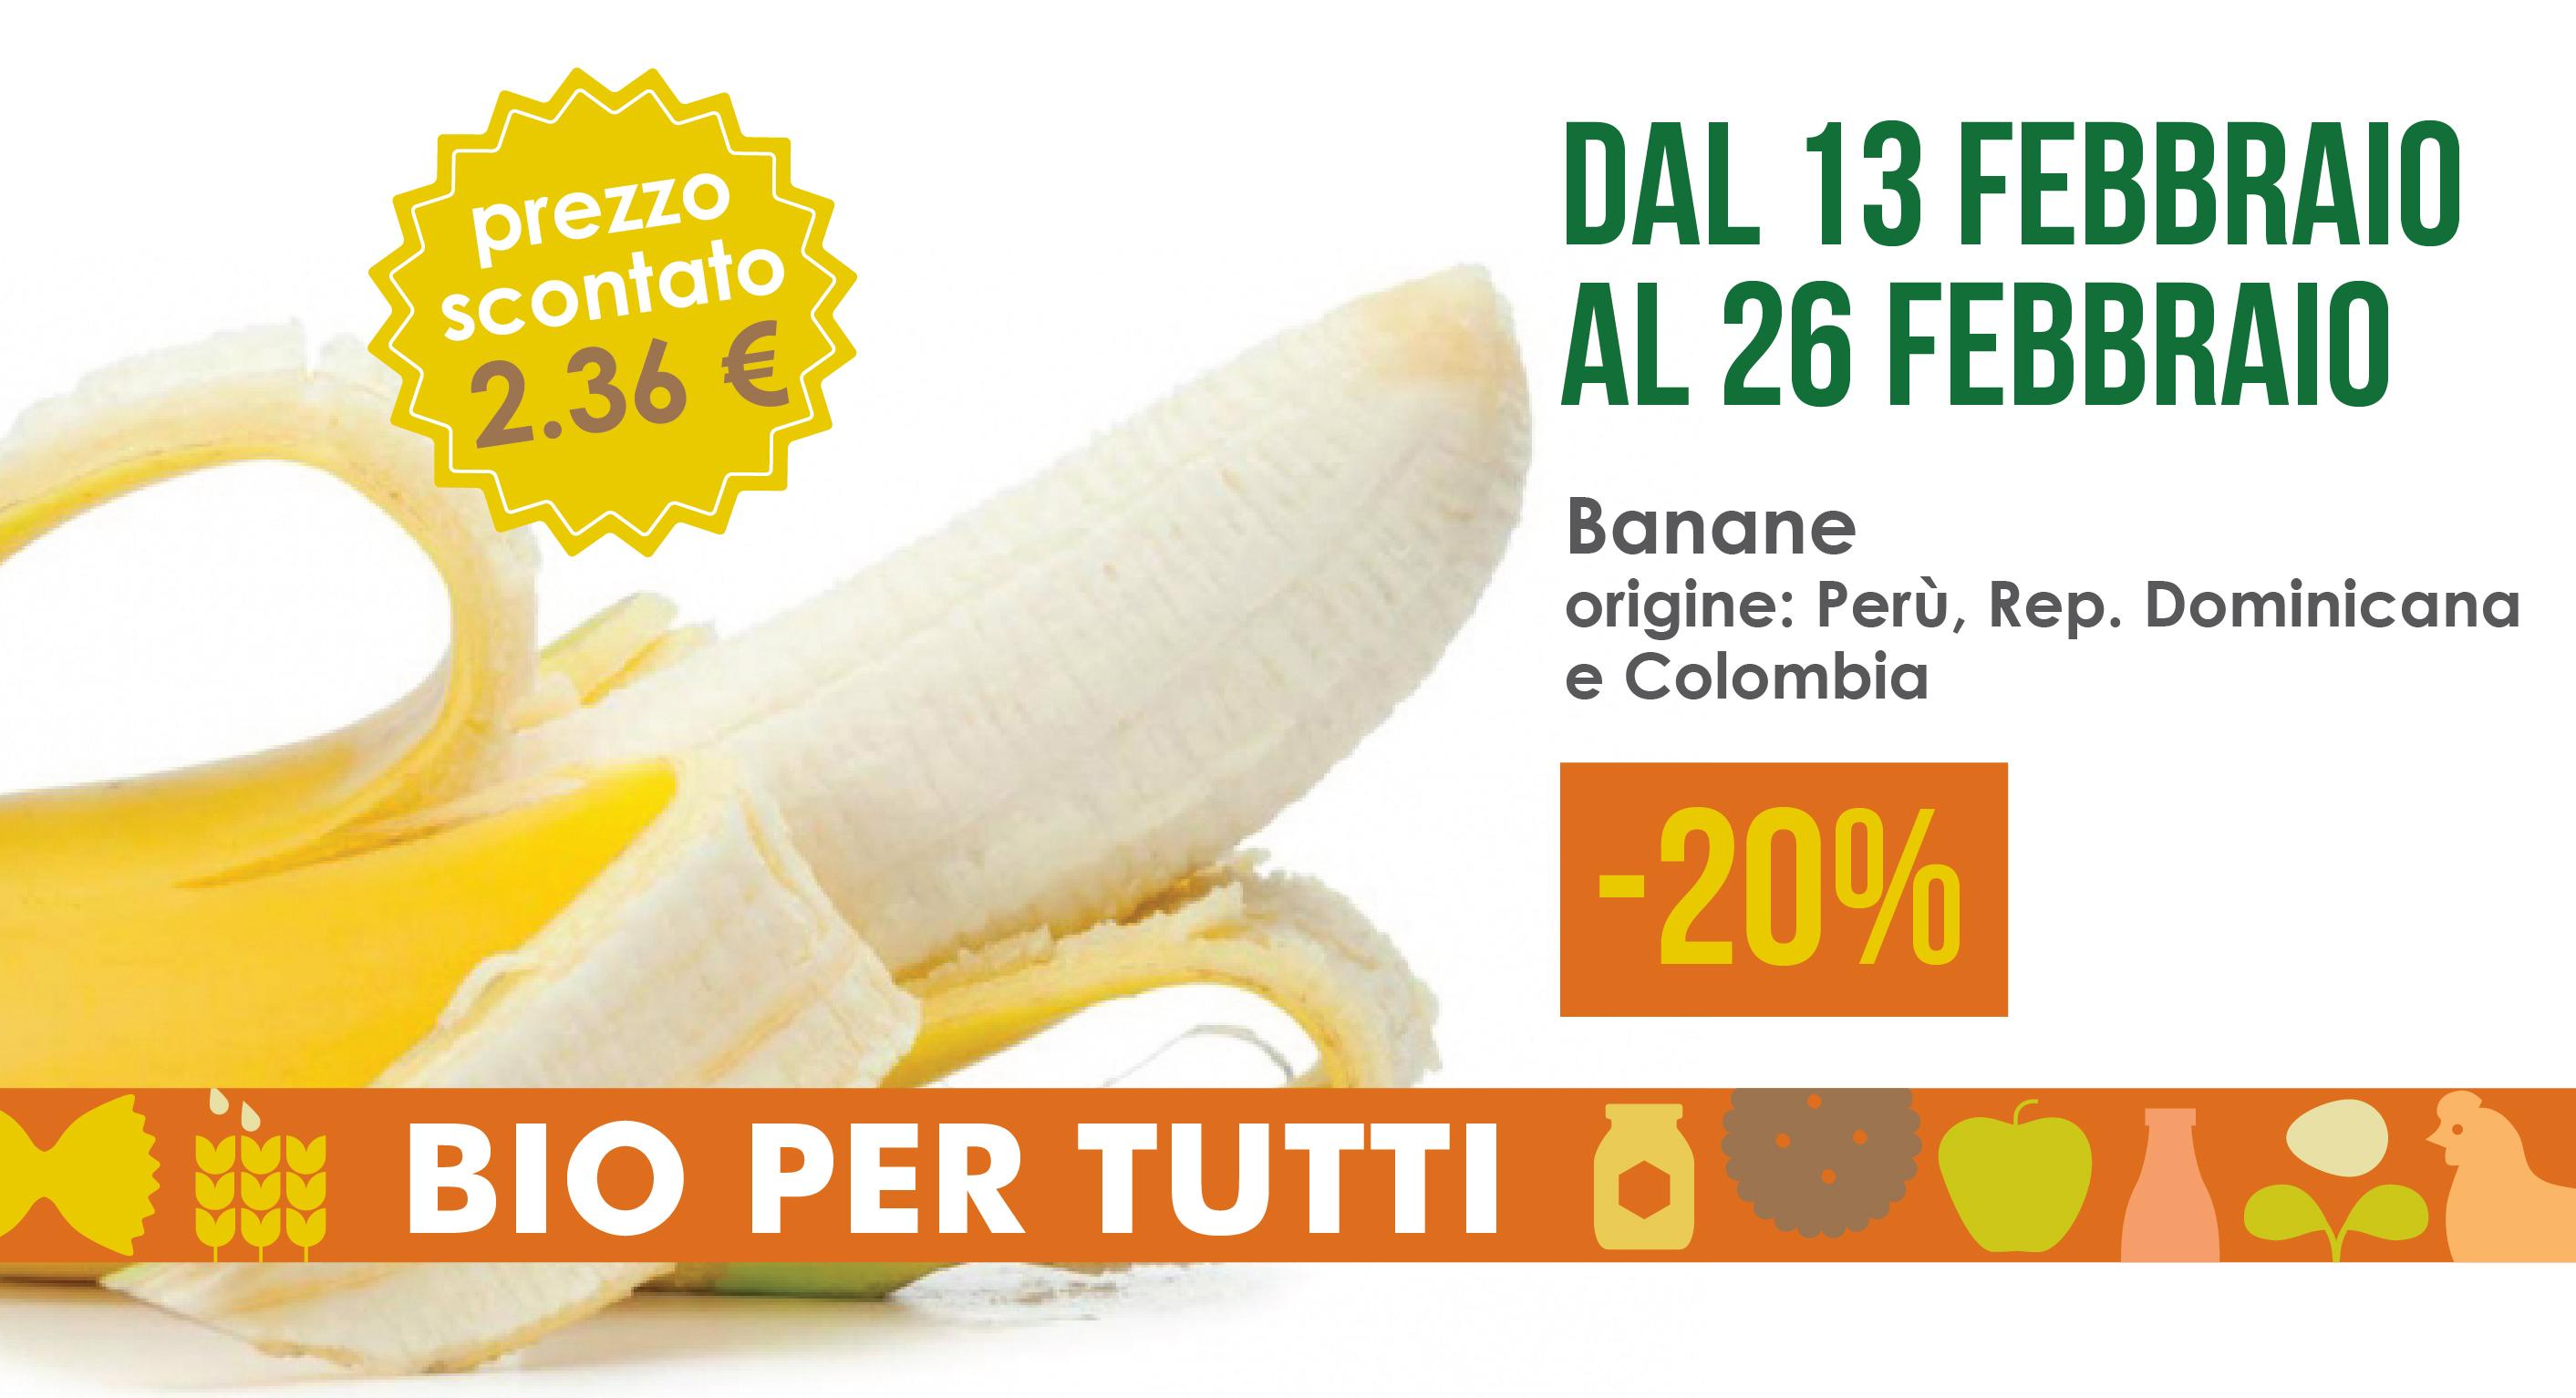 Offerte Bio Per Tutti Dal 13 Al 26 Febbraio: Banane